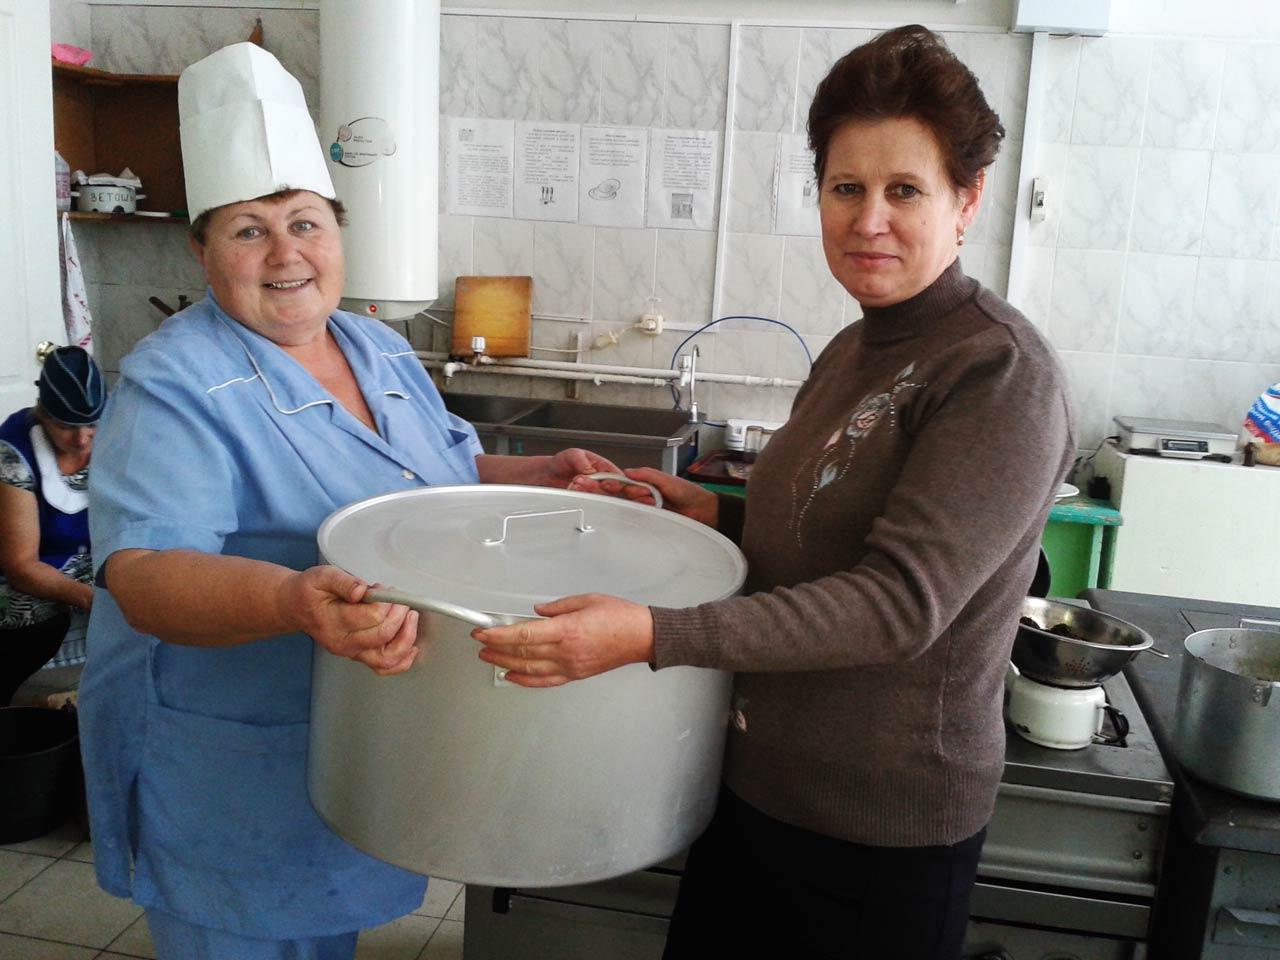 Для Охотничьевской СШ была приобретена алюминиевая толстостенная кастрюля на 30 литров